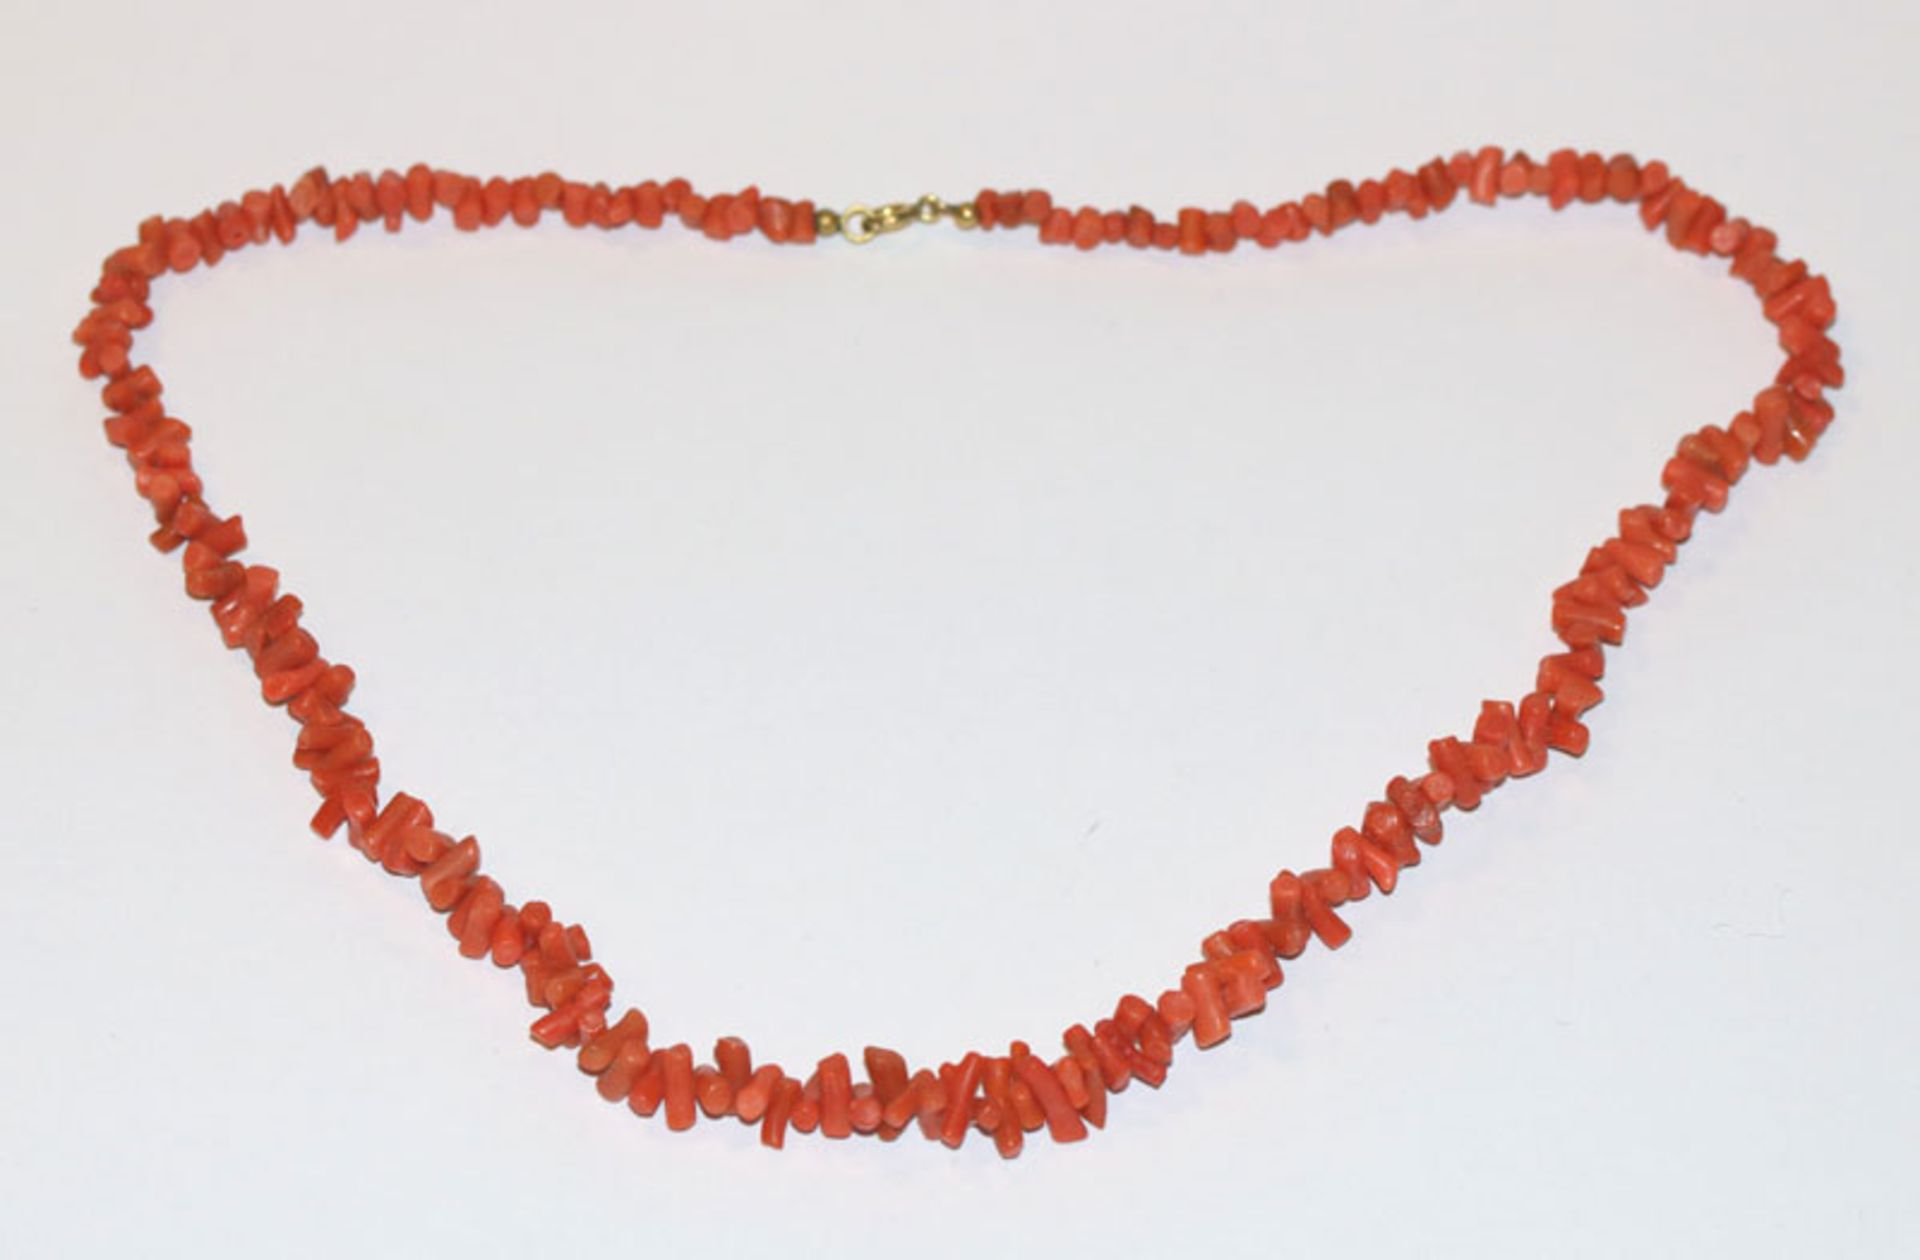 Korallenkette, L 50 cm